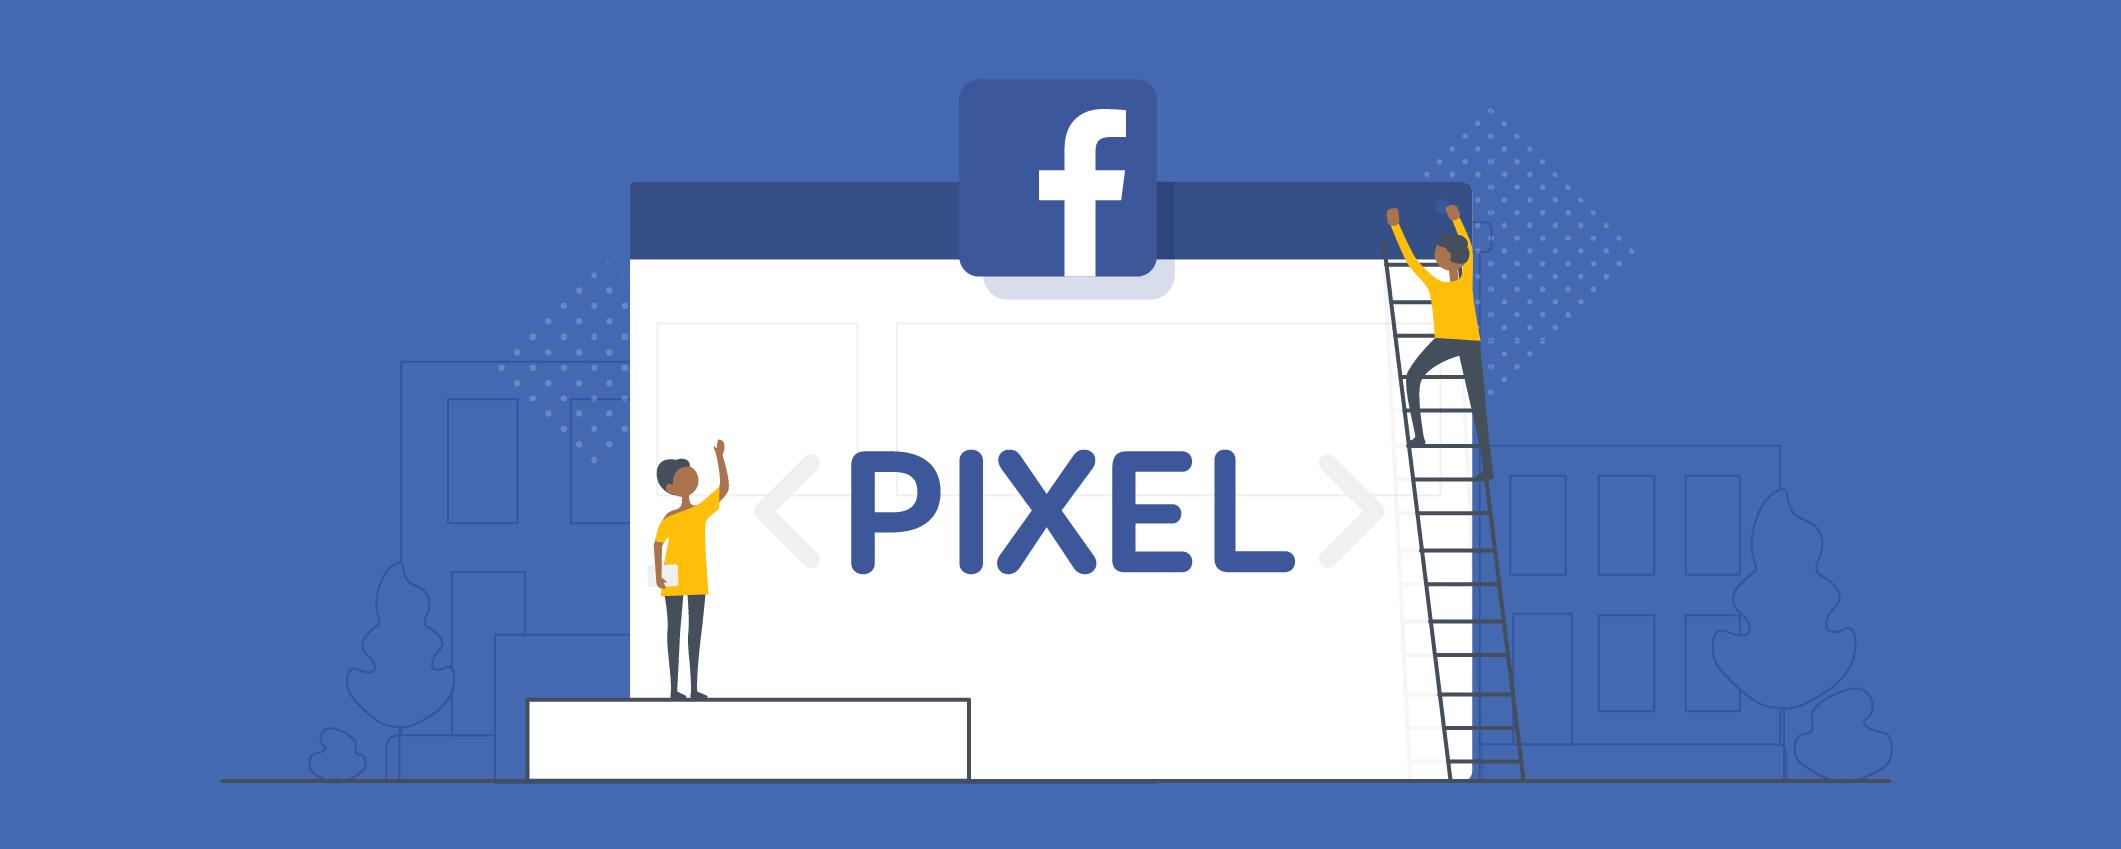 Facebook Pixel quan trọng như thế nào? Bạn cần biết gì?